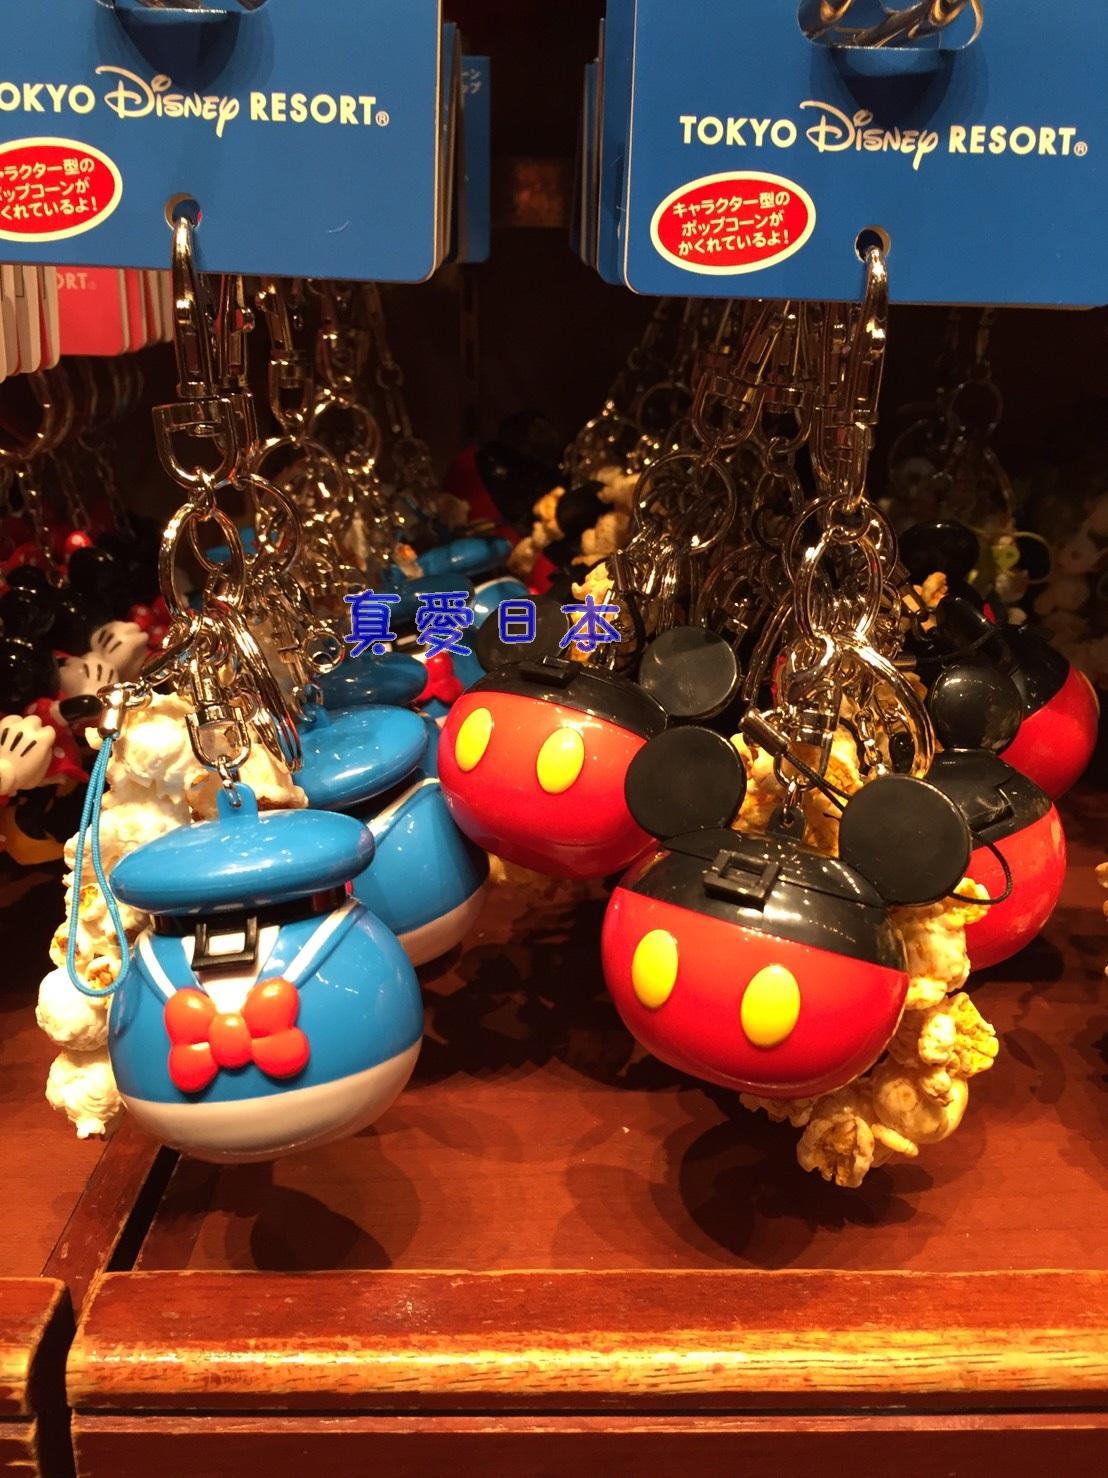 【真愛日本】14121900025 樂園限定鎖圈-爆米花筒米奇  迪士尼 米老鼠米奇 米妮 吊飾 飾品 鑰匙圈 正品 限量 預購